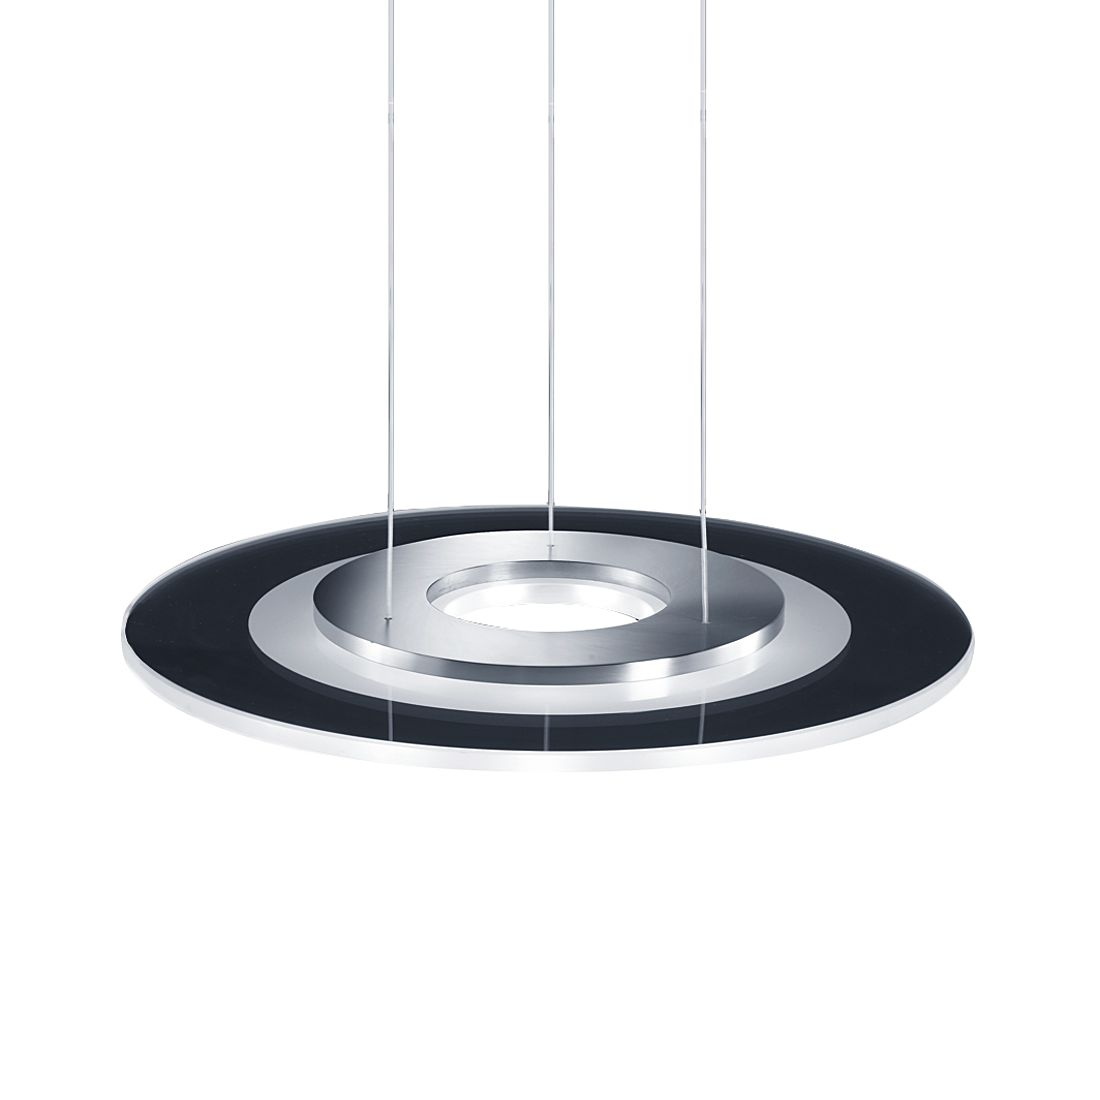 Pendelleuchte ALIDE – Metall/Glas – 9-flammig, Helestra günstig bestellen